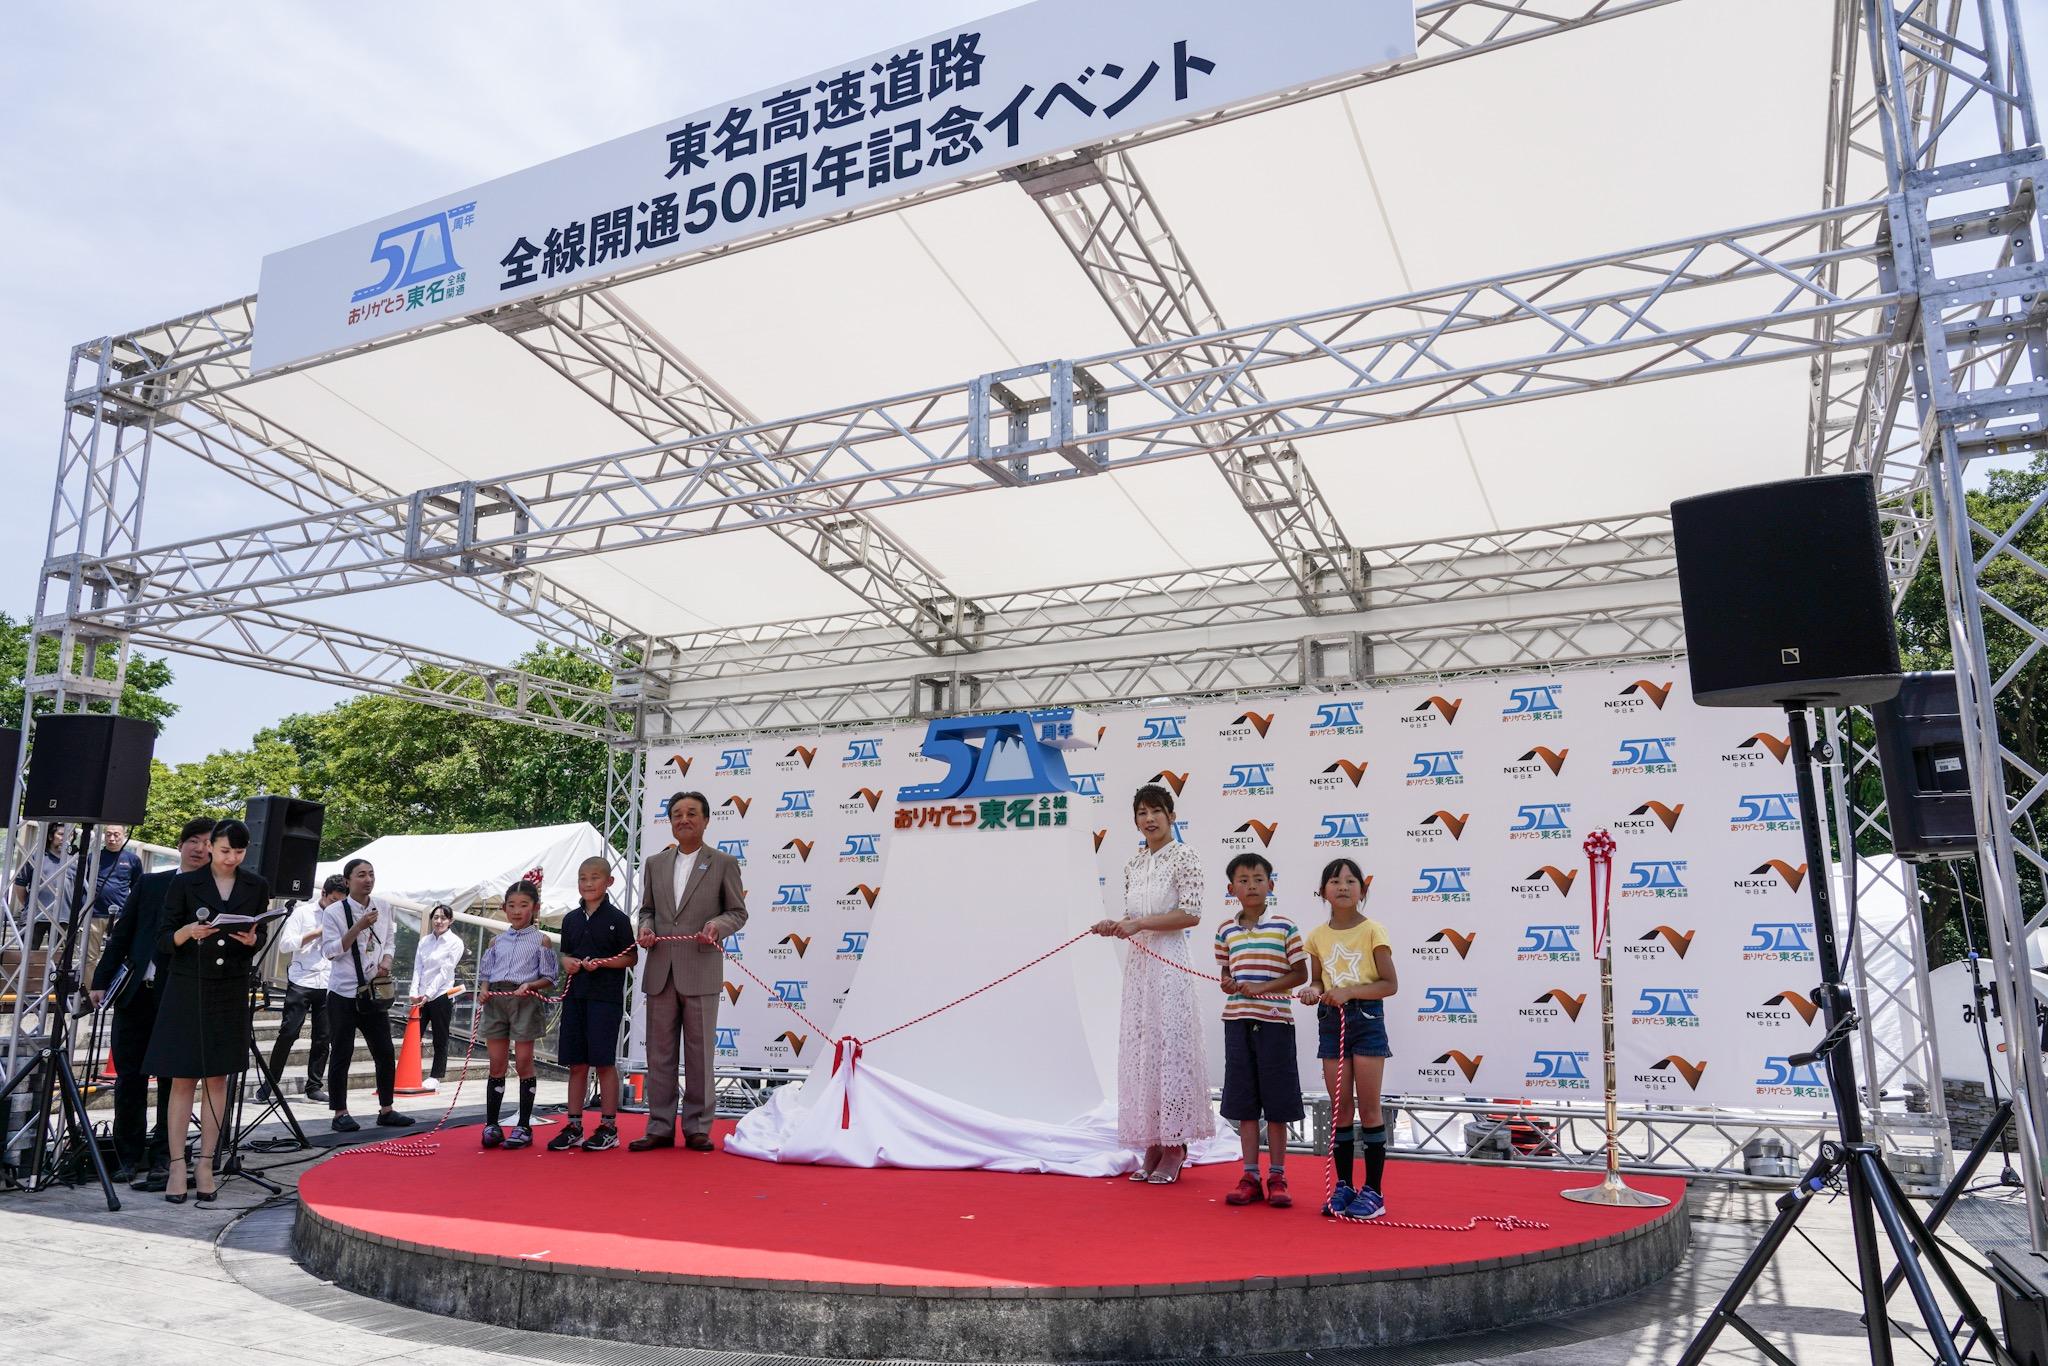 東名高速全線開通50周年記念モニュメント除幕式